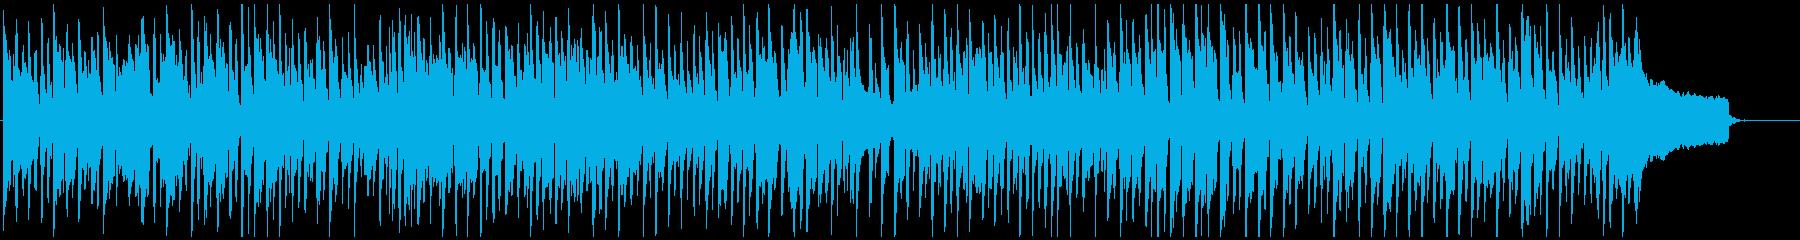 ほのぼのカントリー系の牧歌的リコーダー曲の再生済みの波形